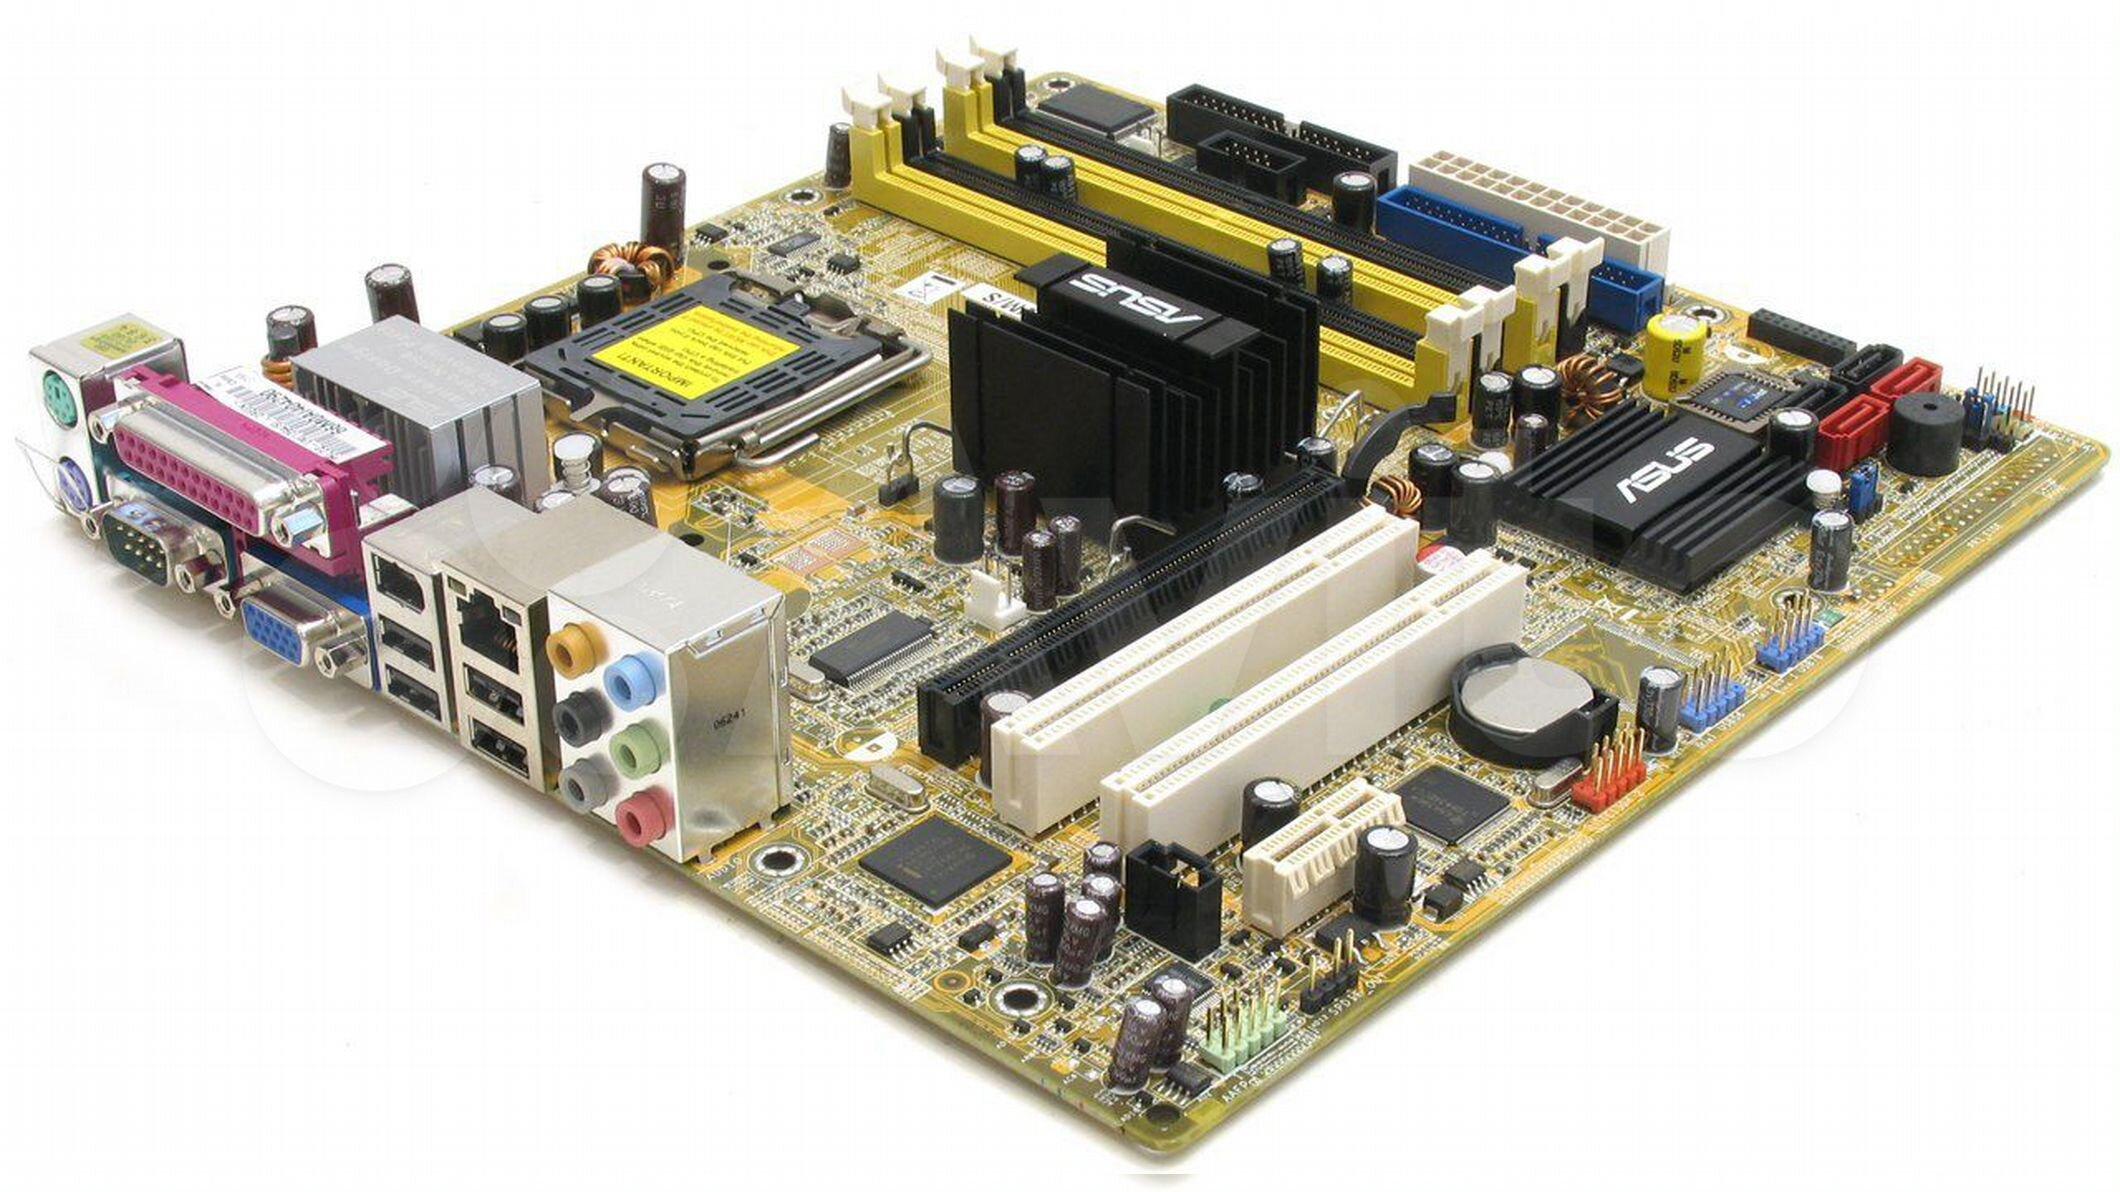 Материнская плата Asus P5LD2-VM/S S775 купить в Республике Удмуртия с доставкой | Бытовая электроника | Авито